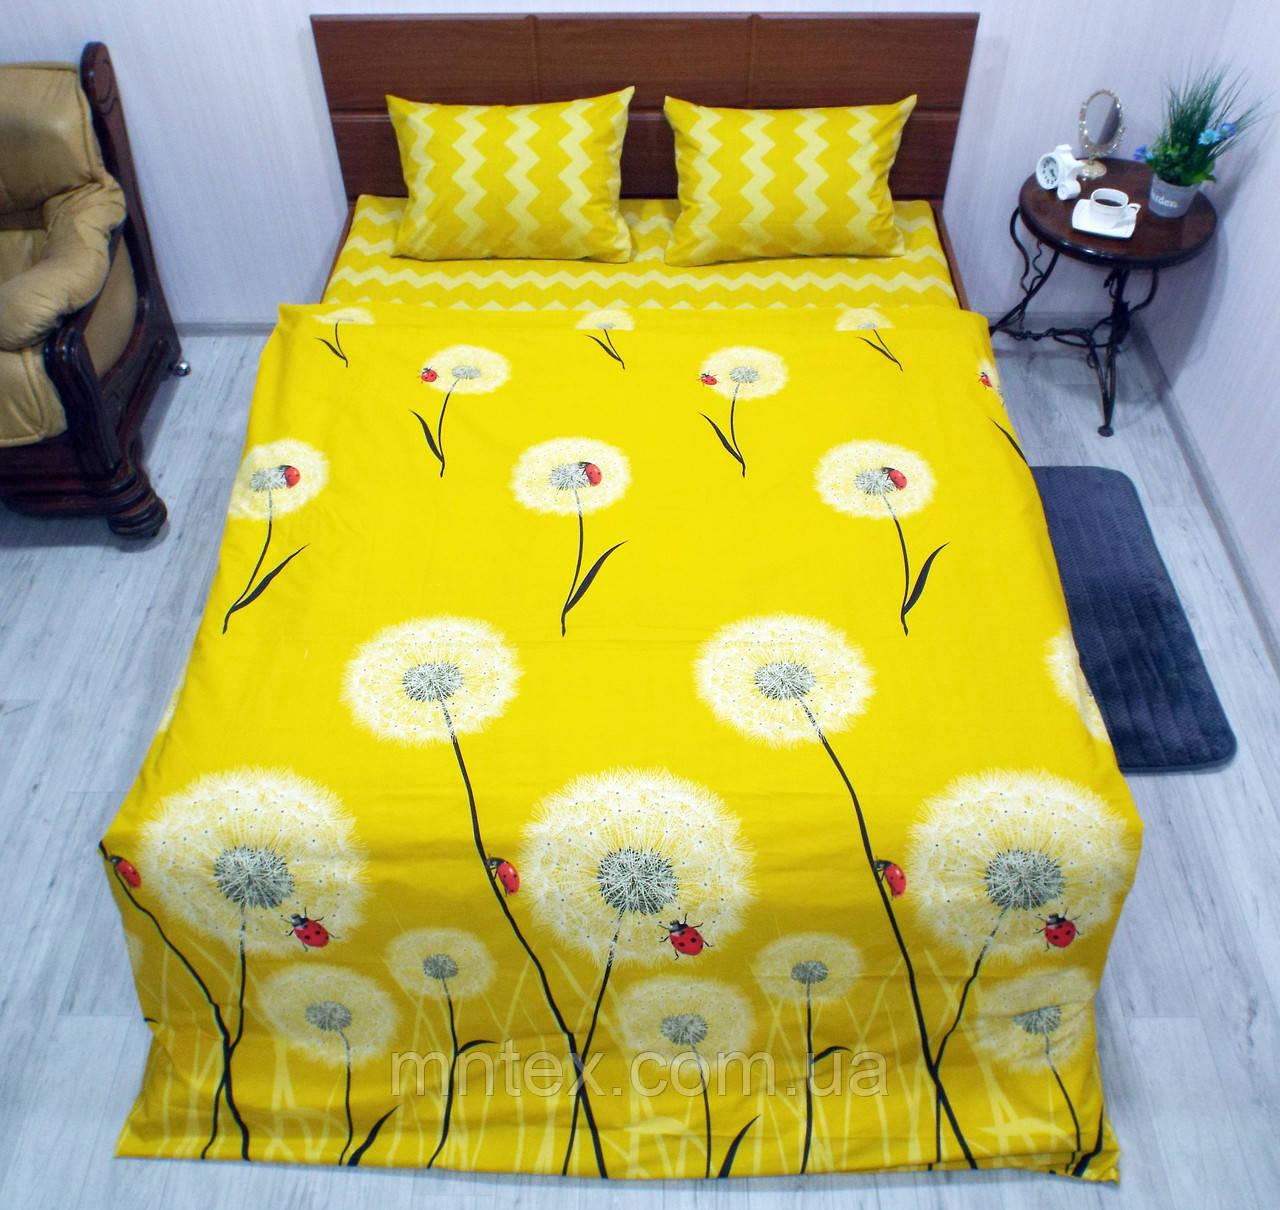 Комплект постельного белья ранфорс Одуваны на желтом